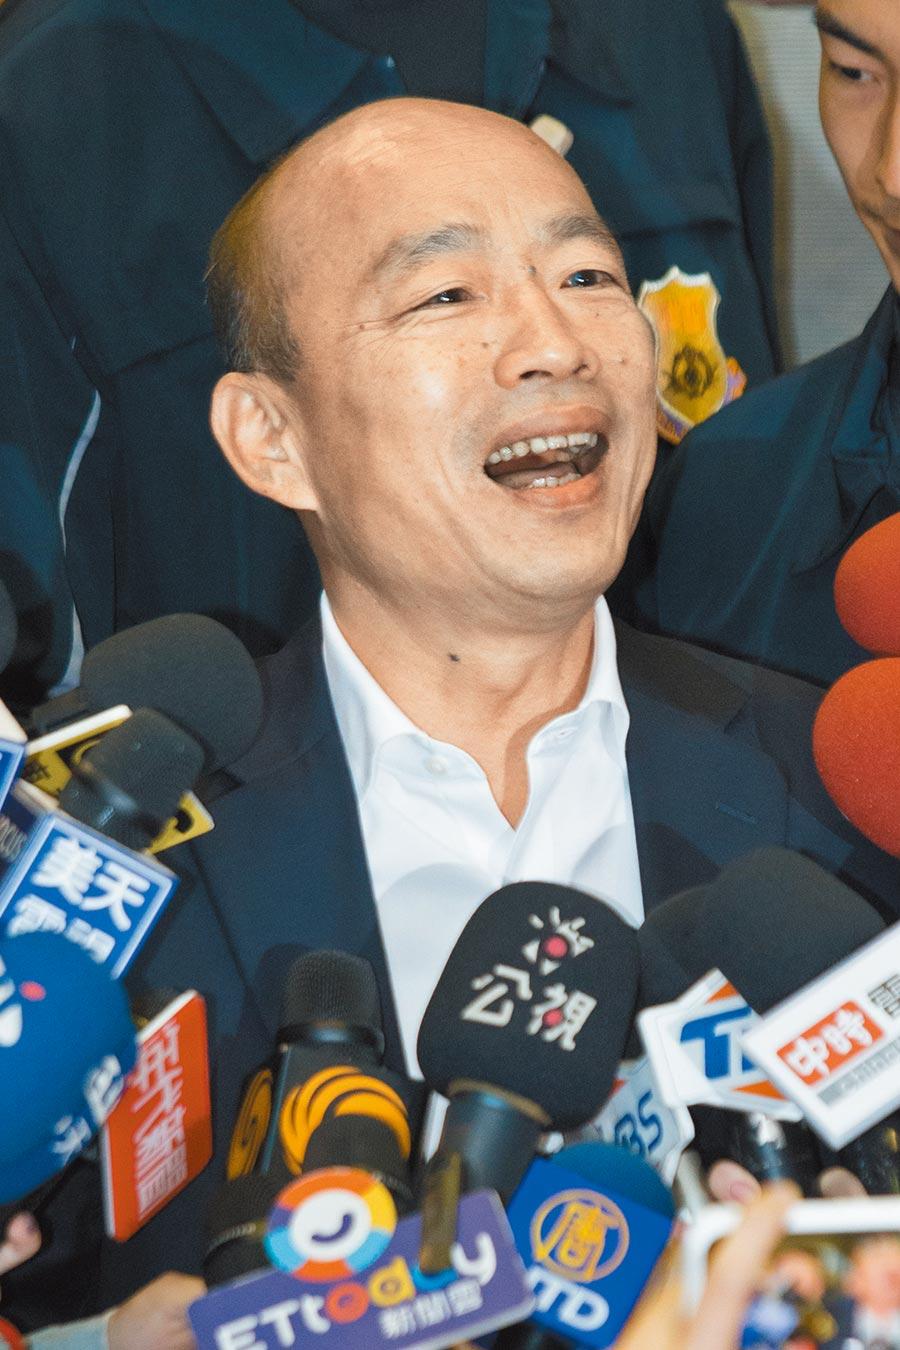 韓國瑜推動雙語政策,建議從小一開始教英文,直言「下一代如果無法雙母語,我們的競爭會吃大虧」。(杜宜諳攝)